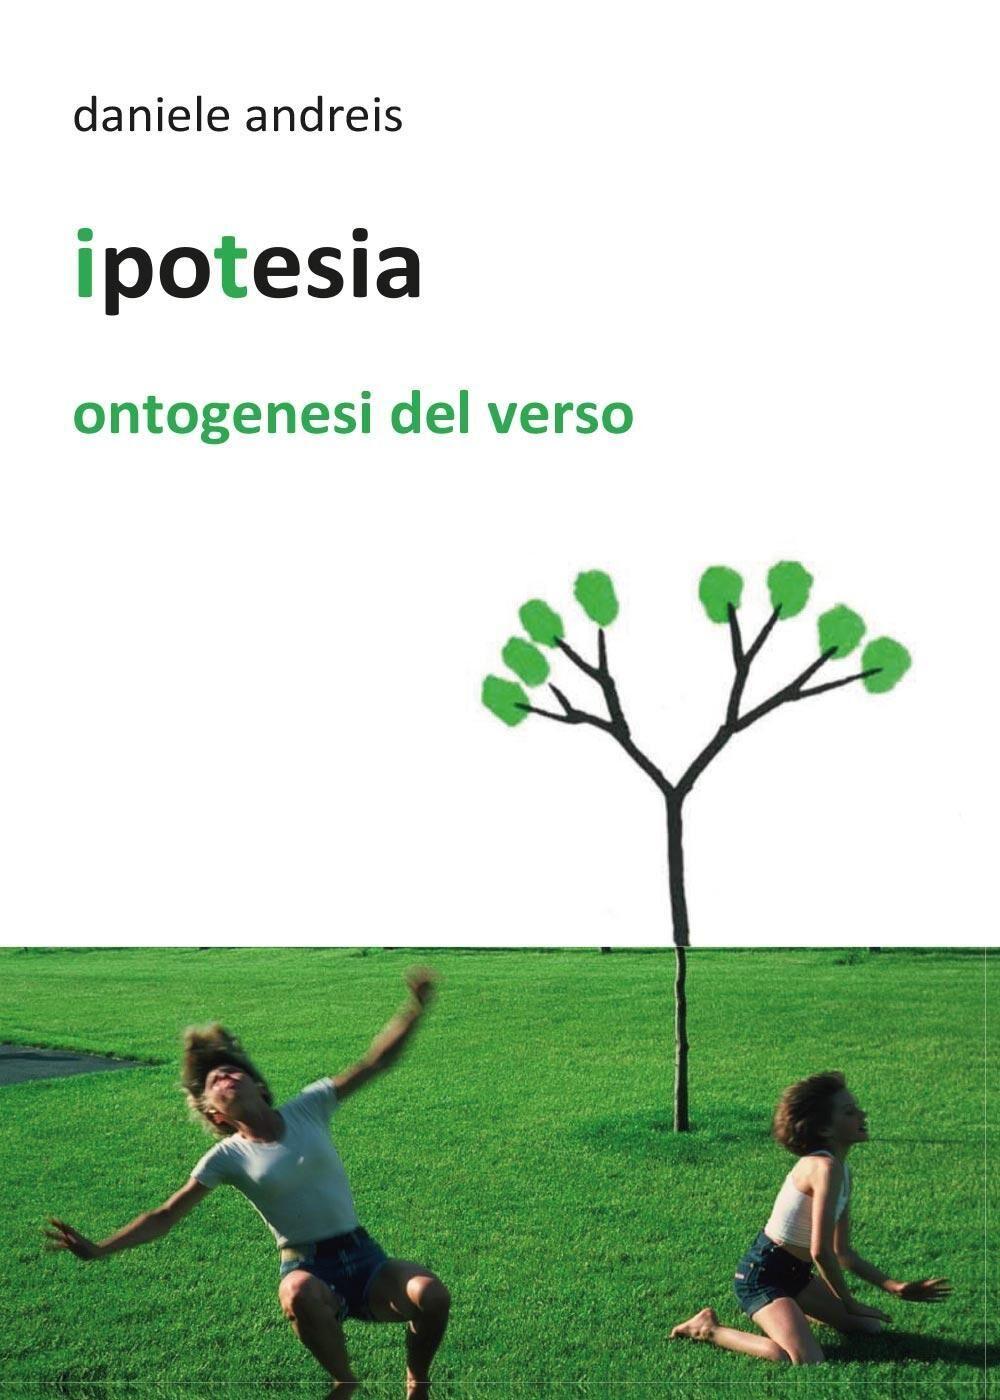 Ipotesia